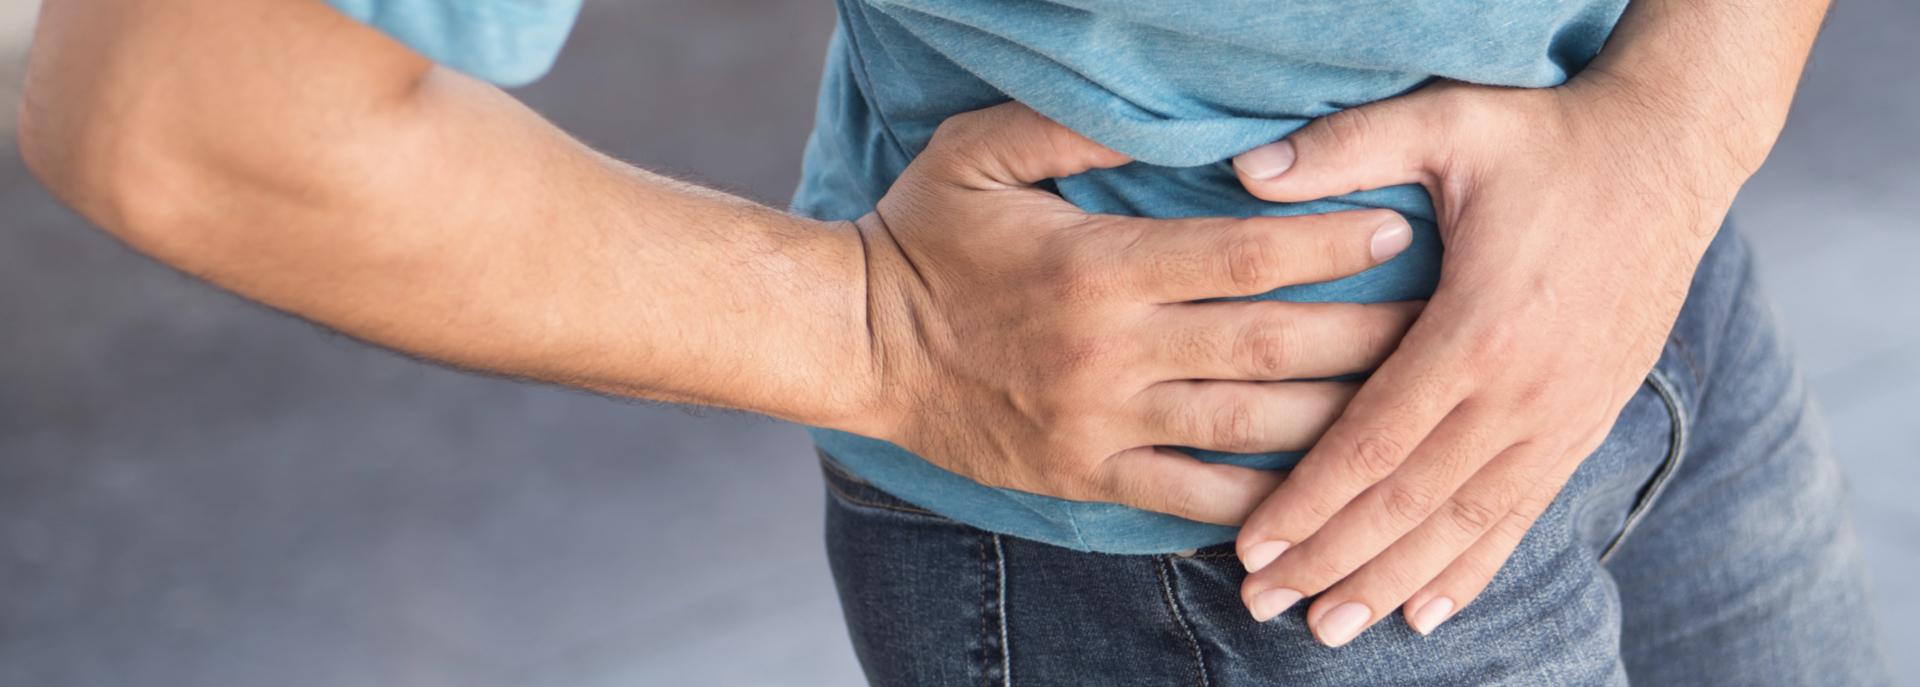 Coxartrosi: cos'è, i sintomi principali e come riconoscerli